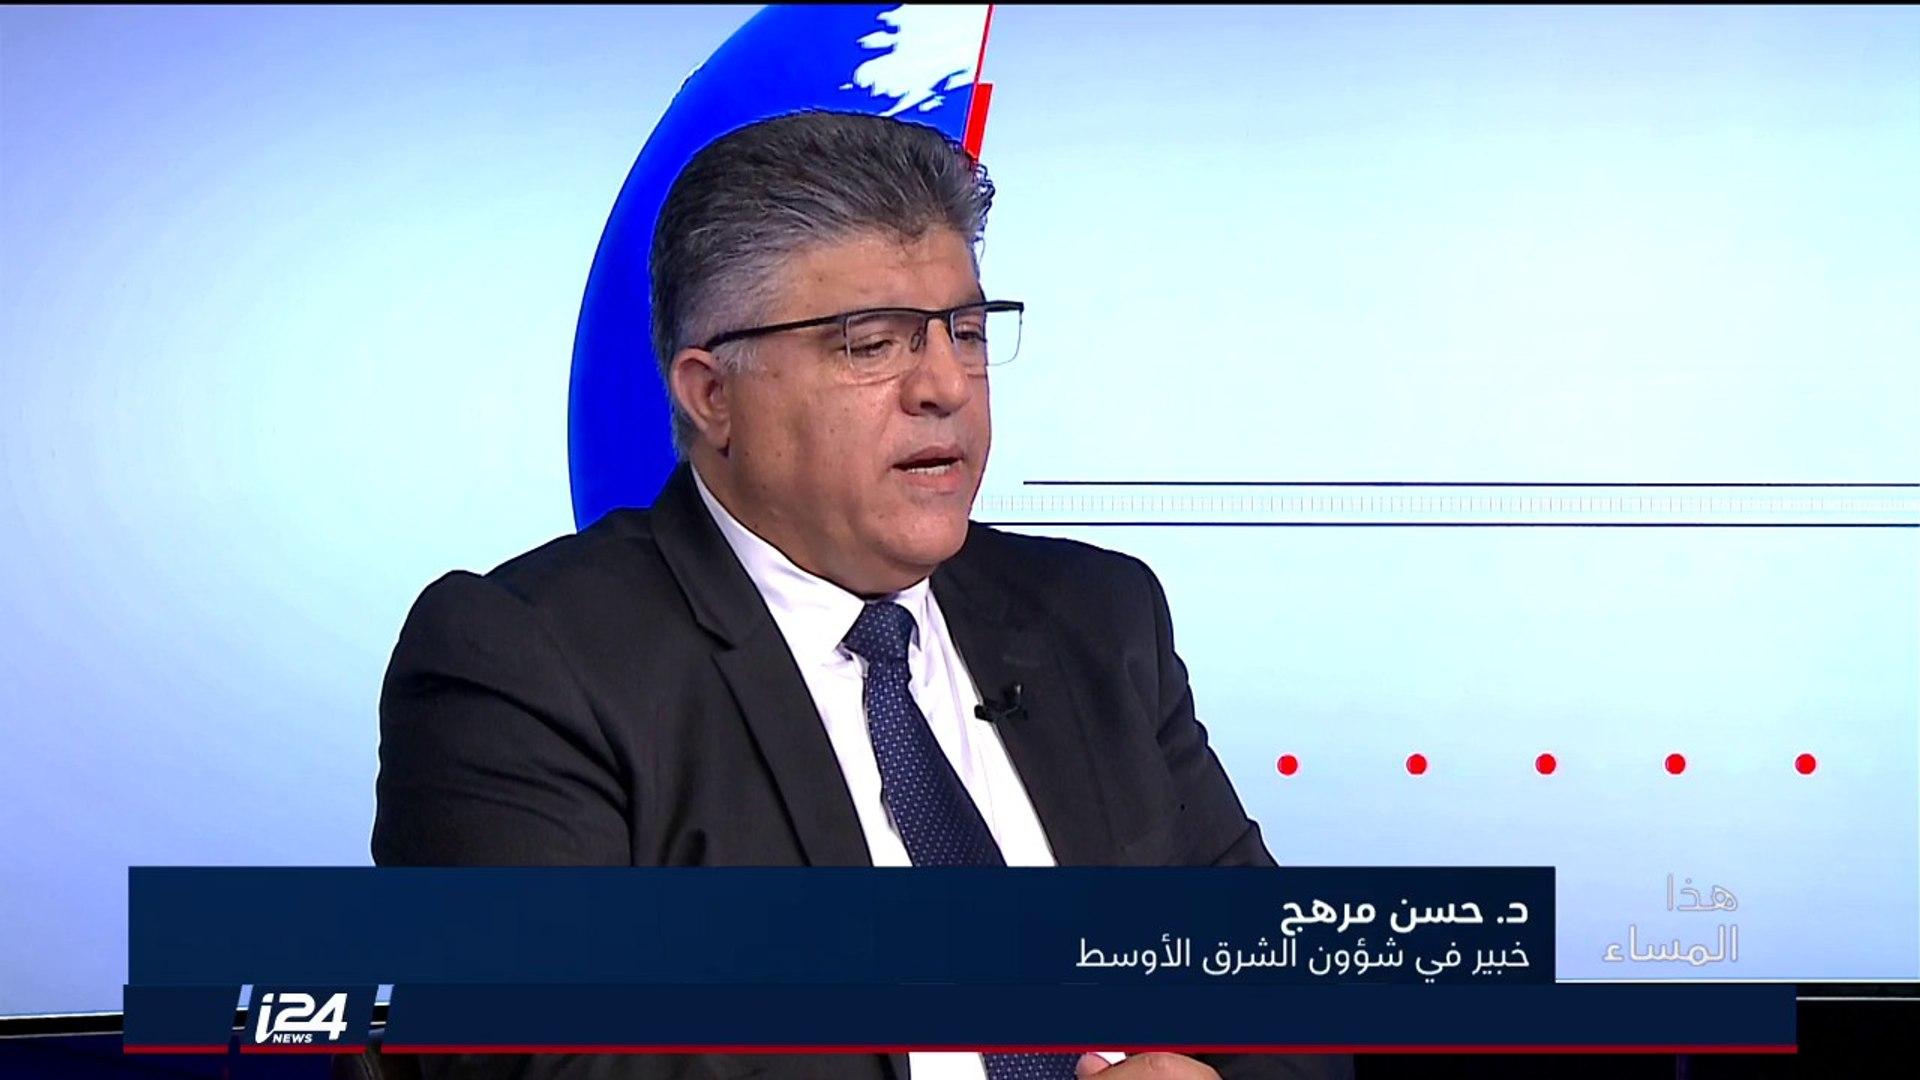 د. حسن مرهج: مصير داعش واضح، ولا محادثات معهم، والمعارك في الحجر الأسود حتى الموت!